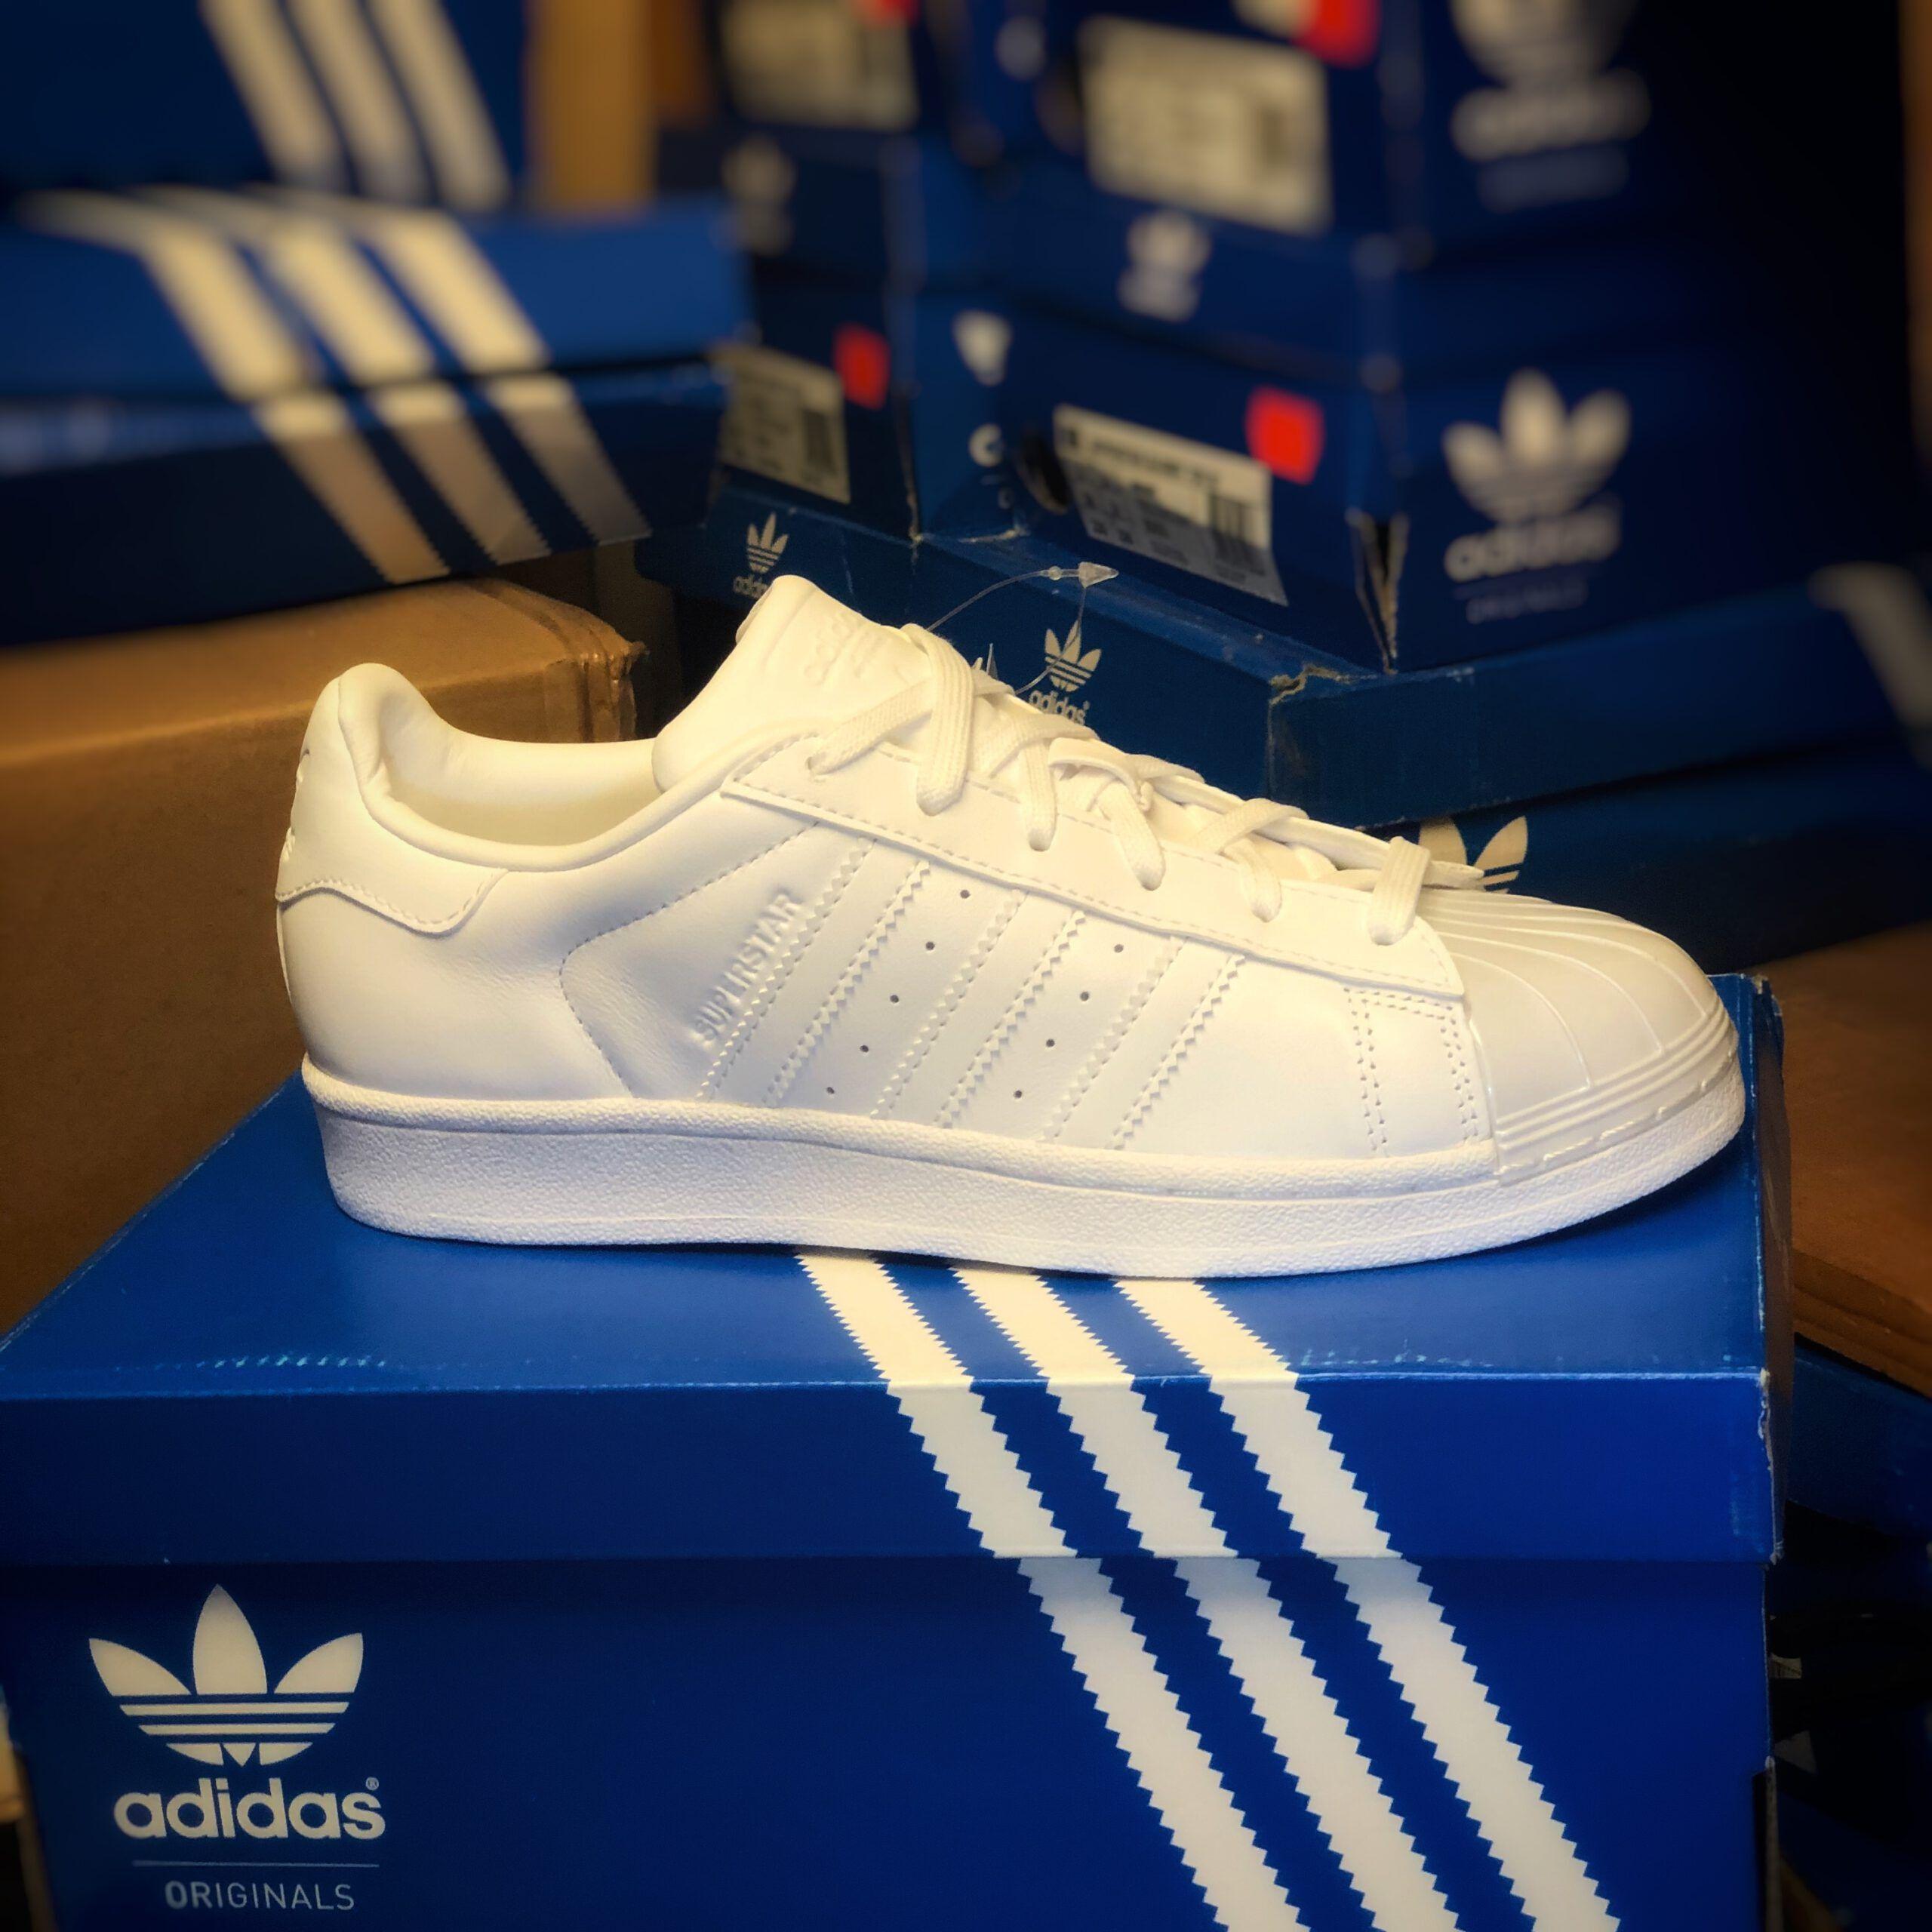 ADIDAS Merker Adidas - Superstar Glossy Toe 36 2/3